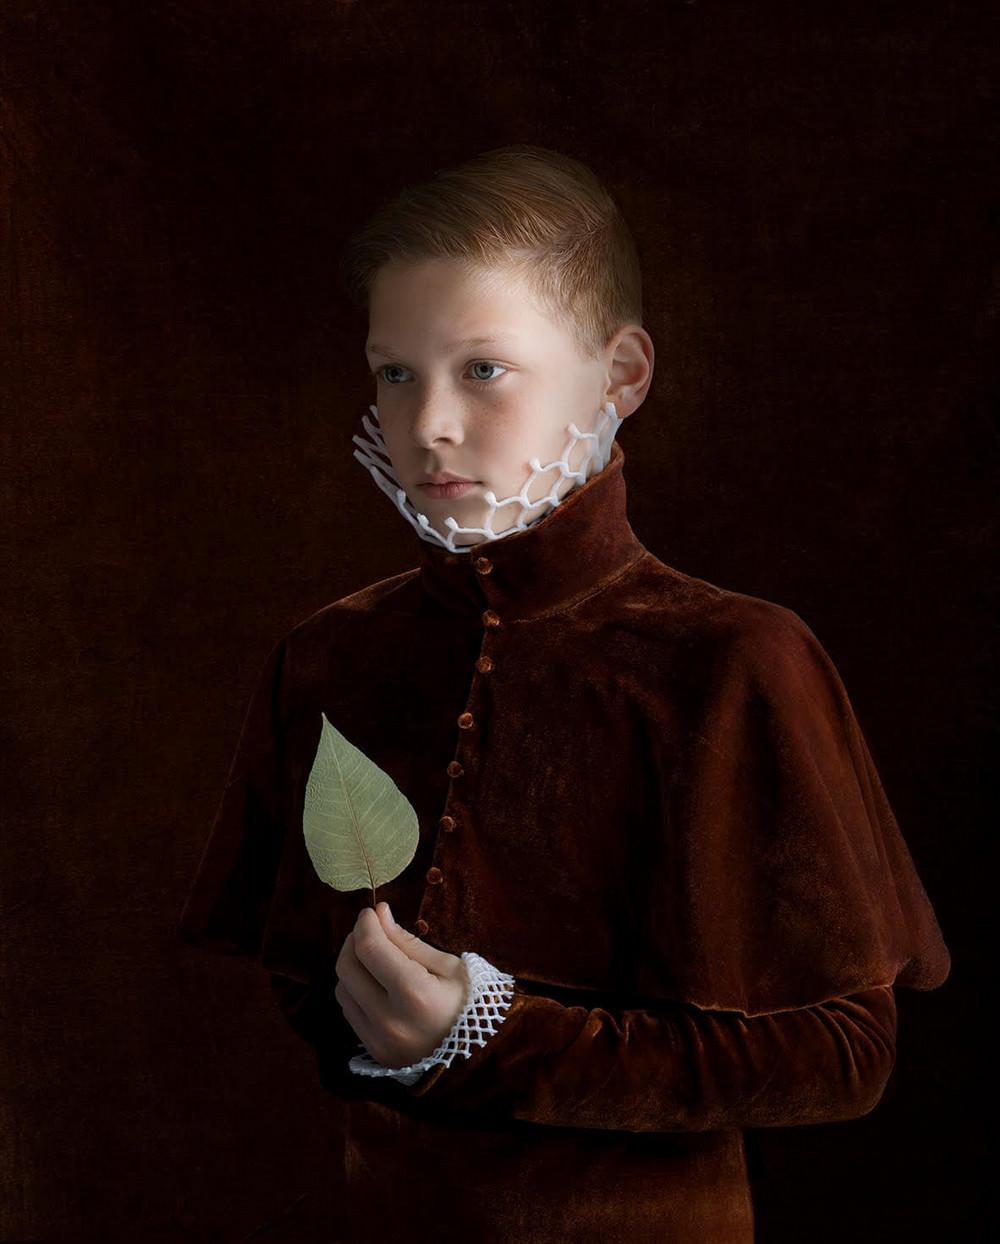 kostyumy-iz-vtorichnyh-materialov-portrety-Syuzanna-Yongmans 7